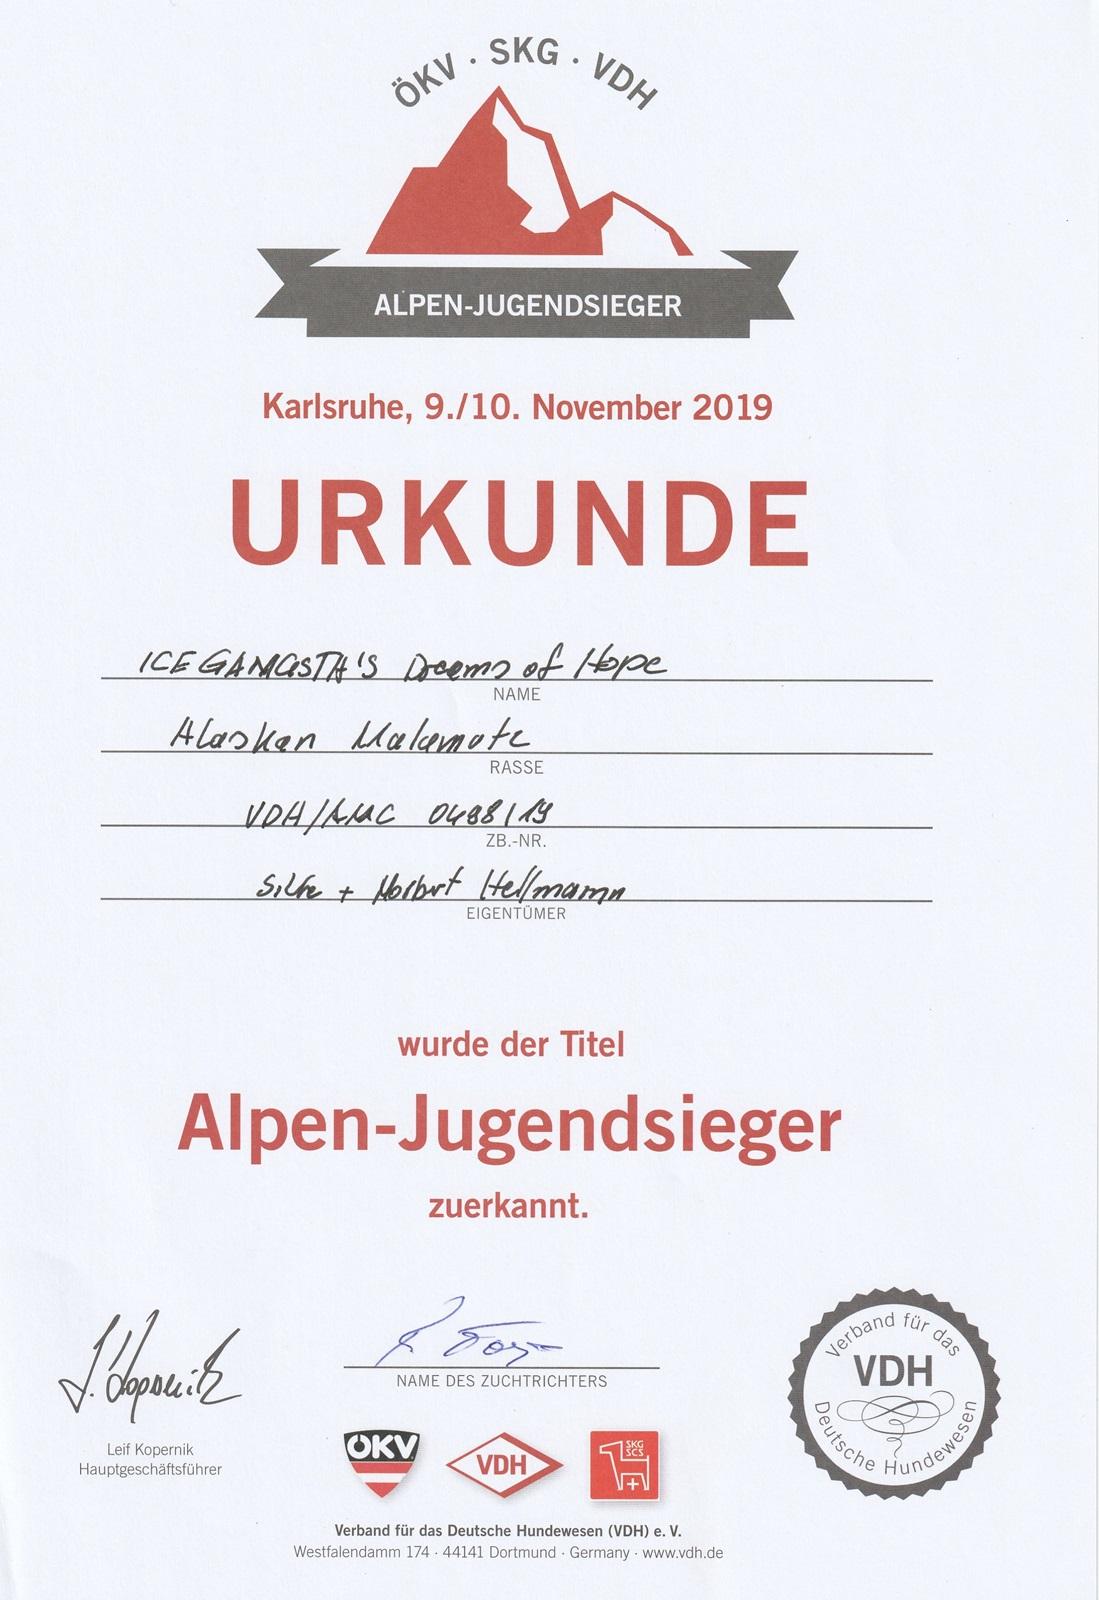 Urkunde Dreamy Alpenjugendsieger_1600